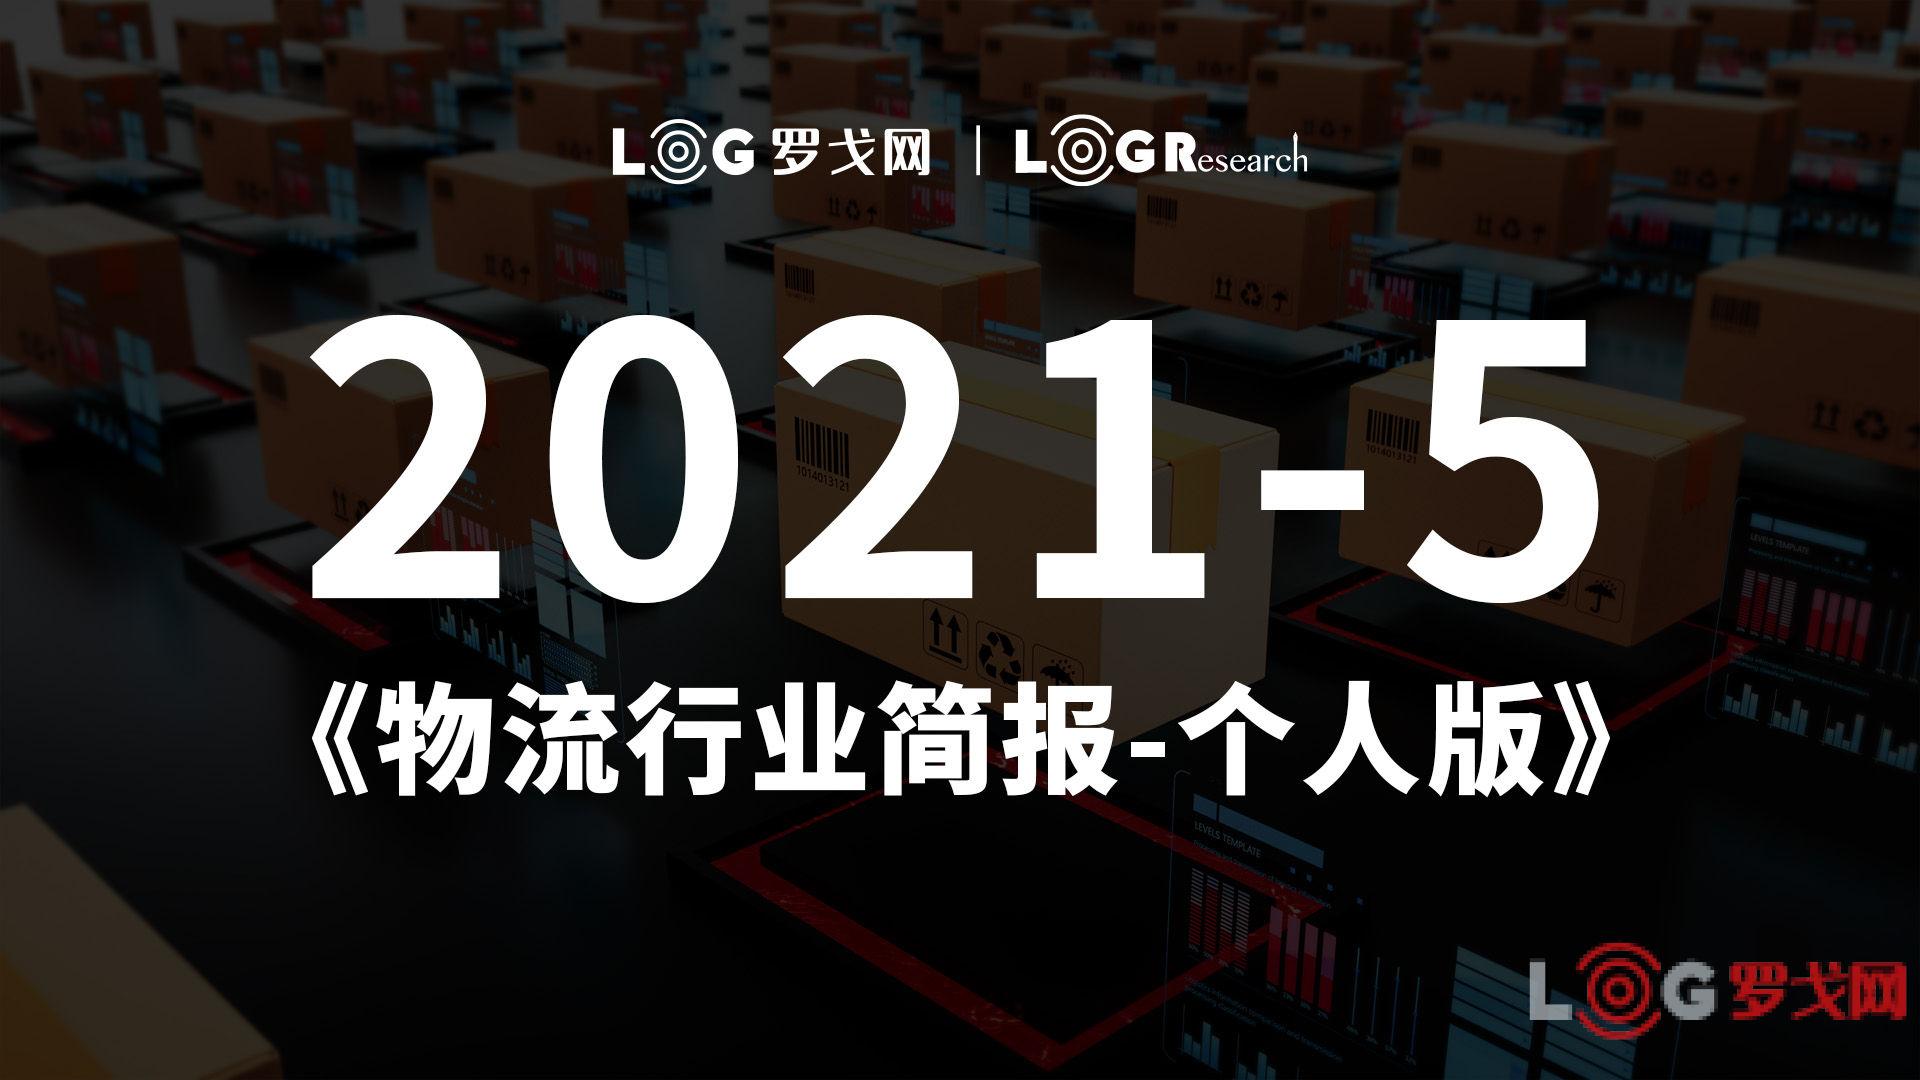 2021-05物流行业简报-个人版